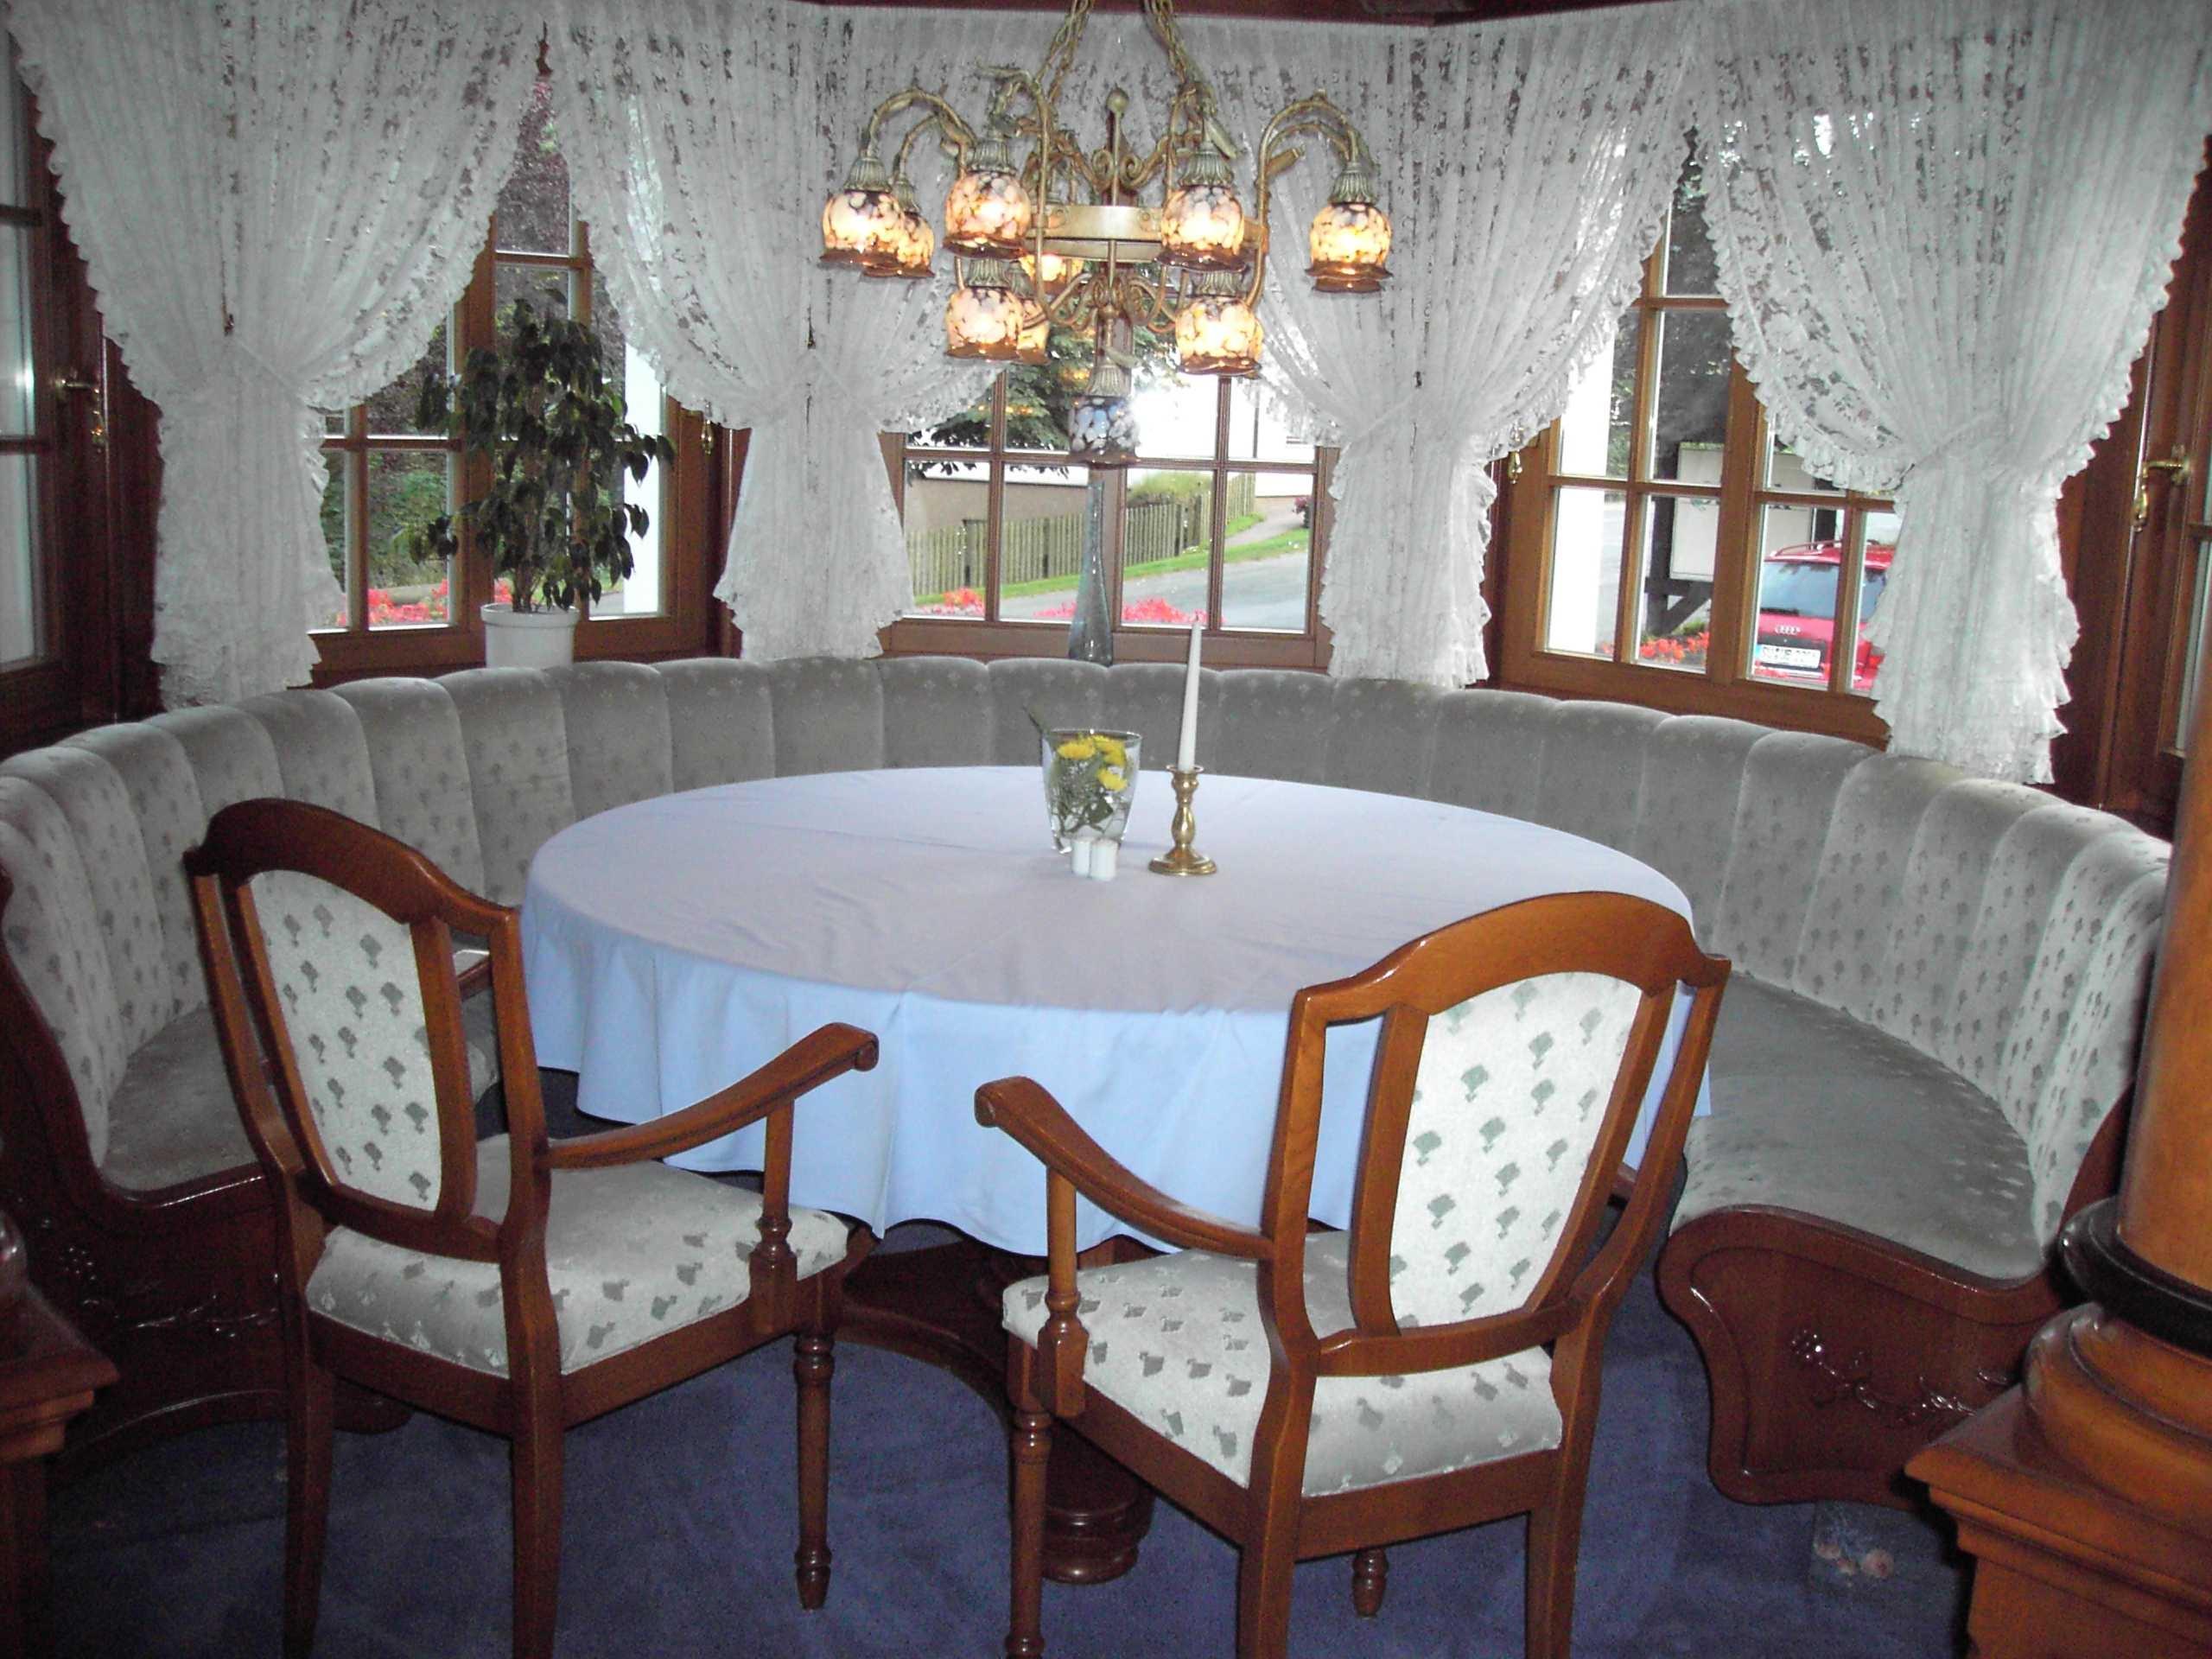 fotos gratis mesa villa palacio restaurante cabaa acogedor propiedad sala mueble habitacin diseo de interiores casa de campo inmuebles